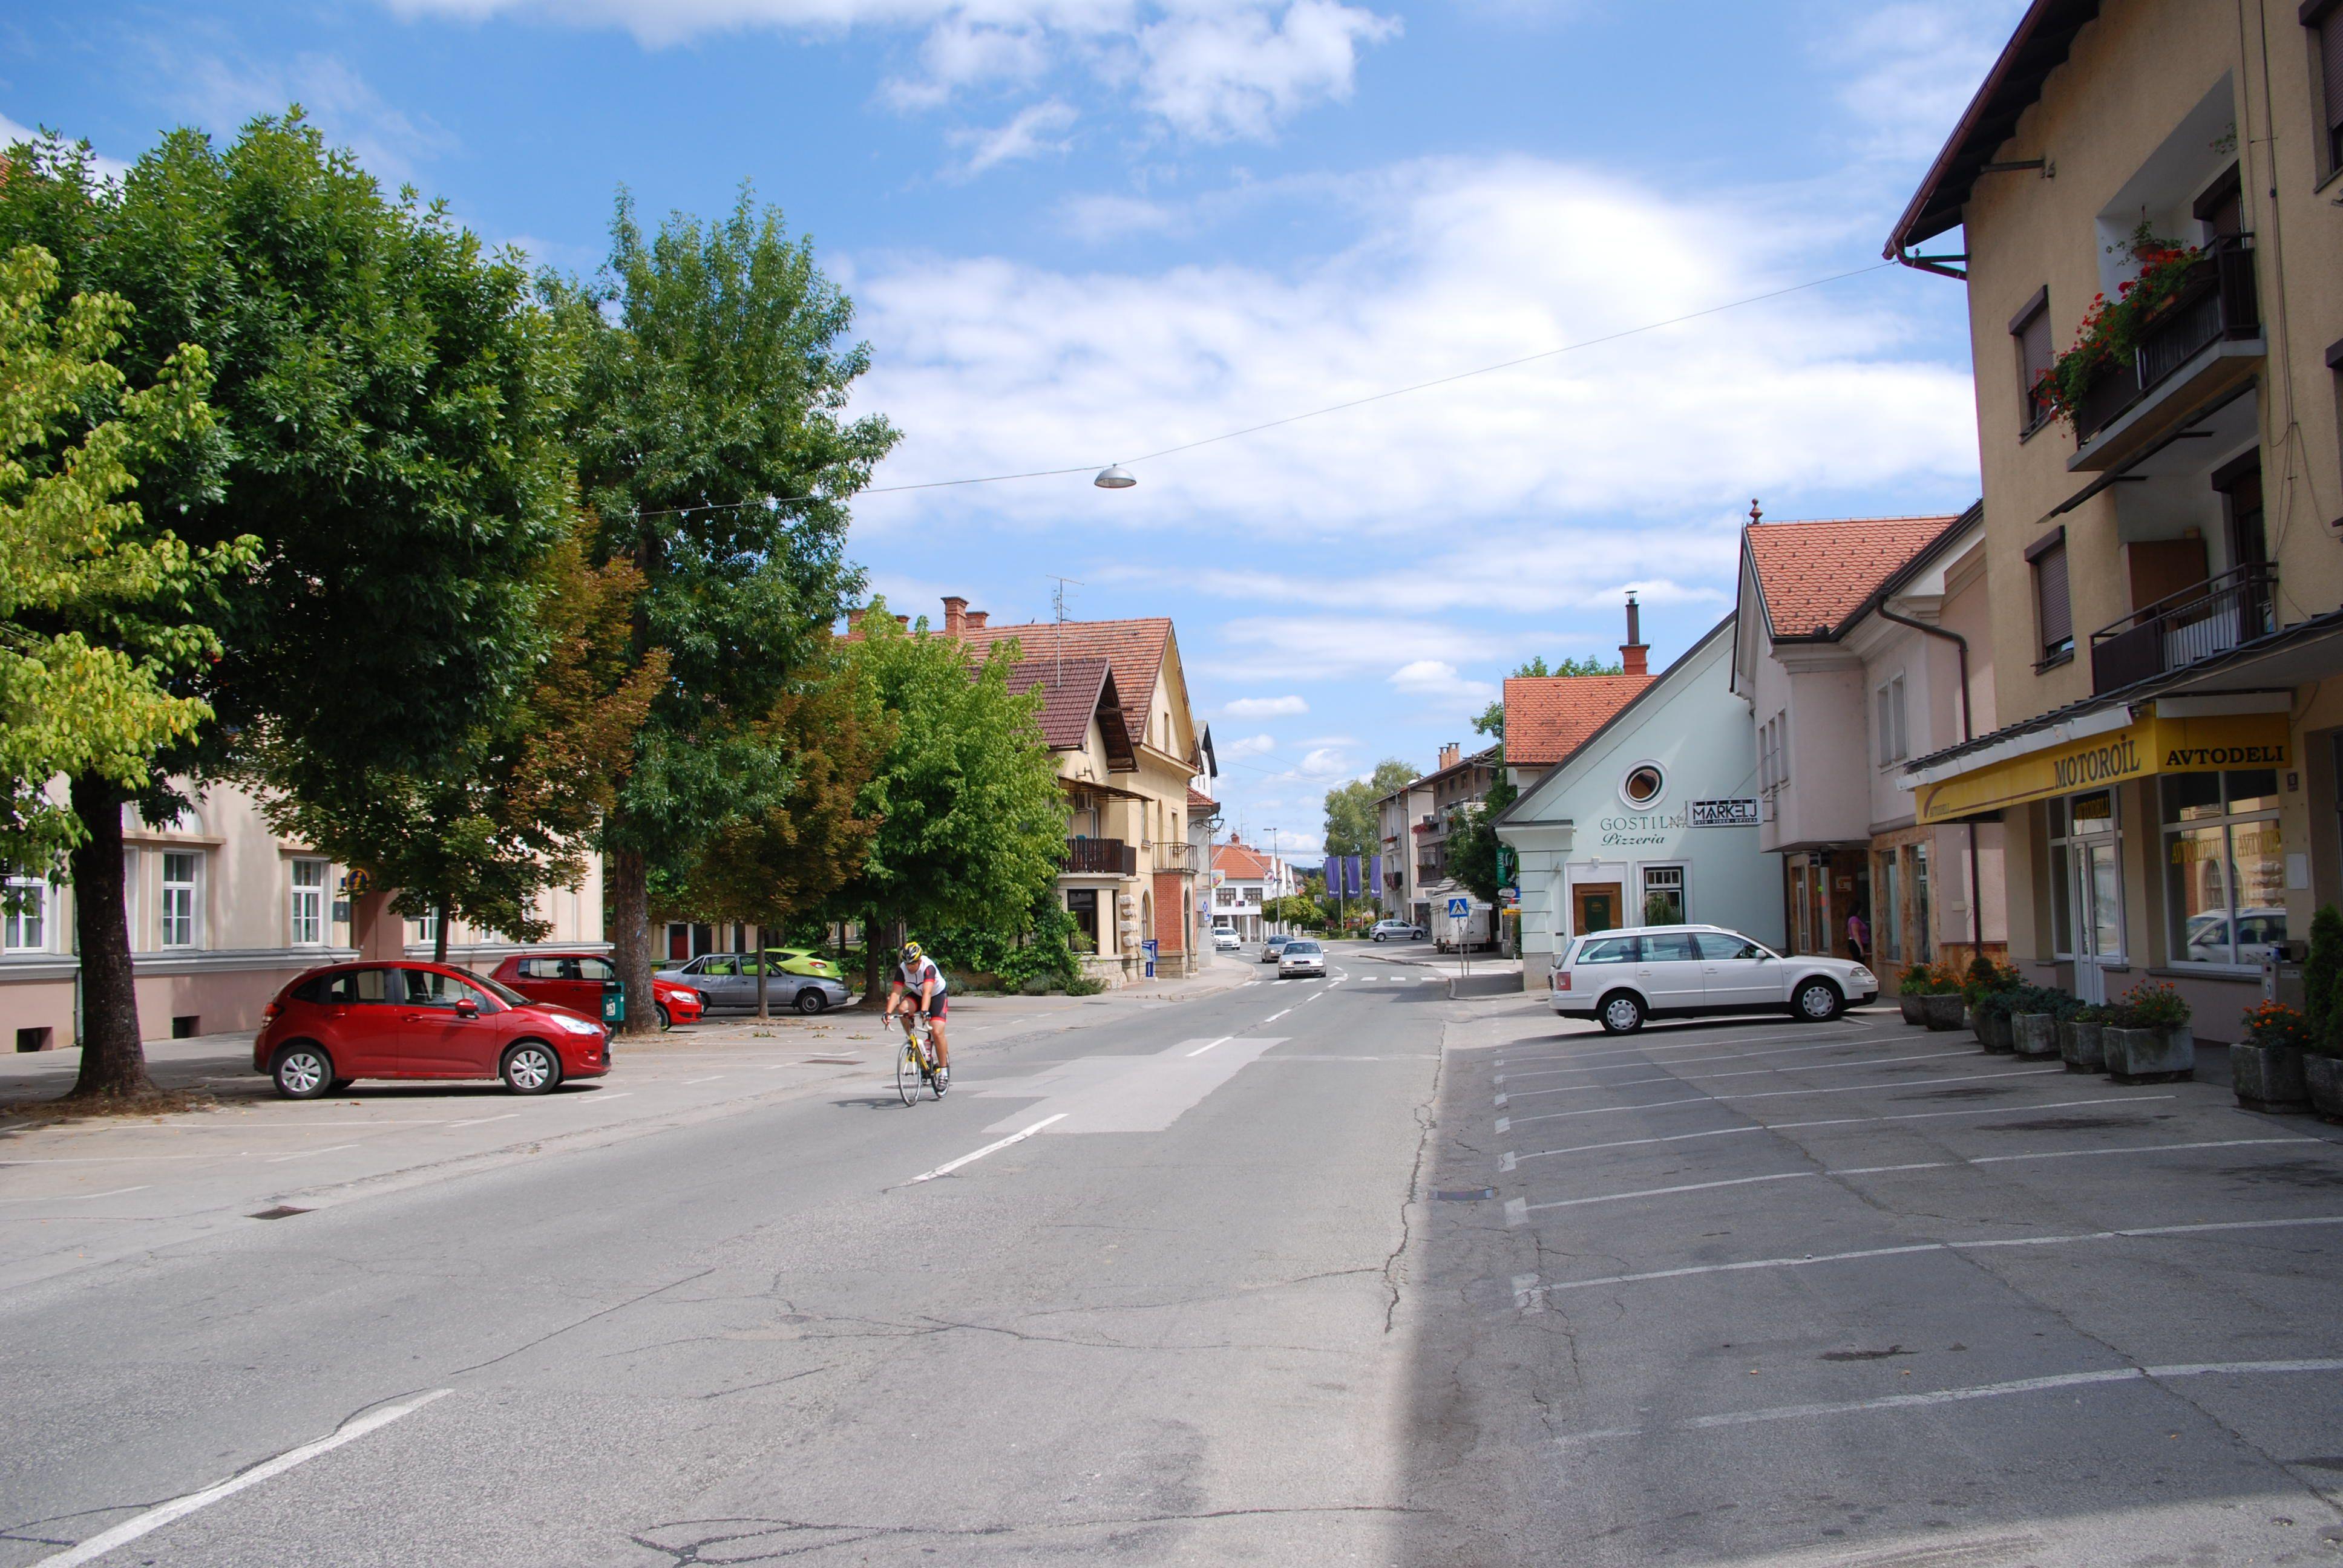 Municipality of Trebnje httpsuploadwikimediaorgwikipediacommons55